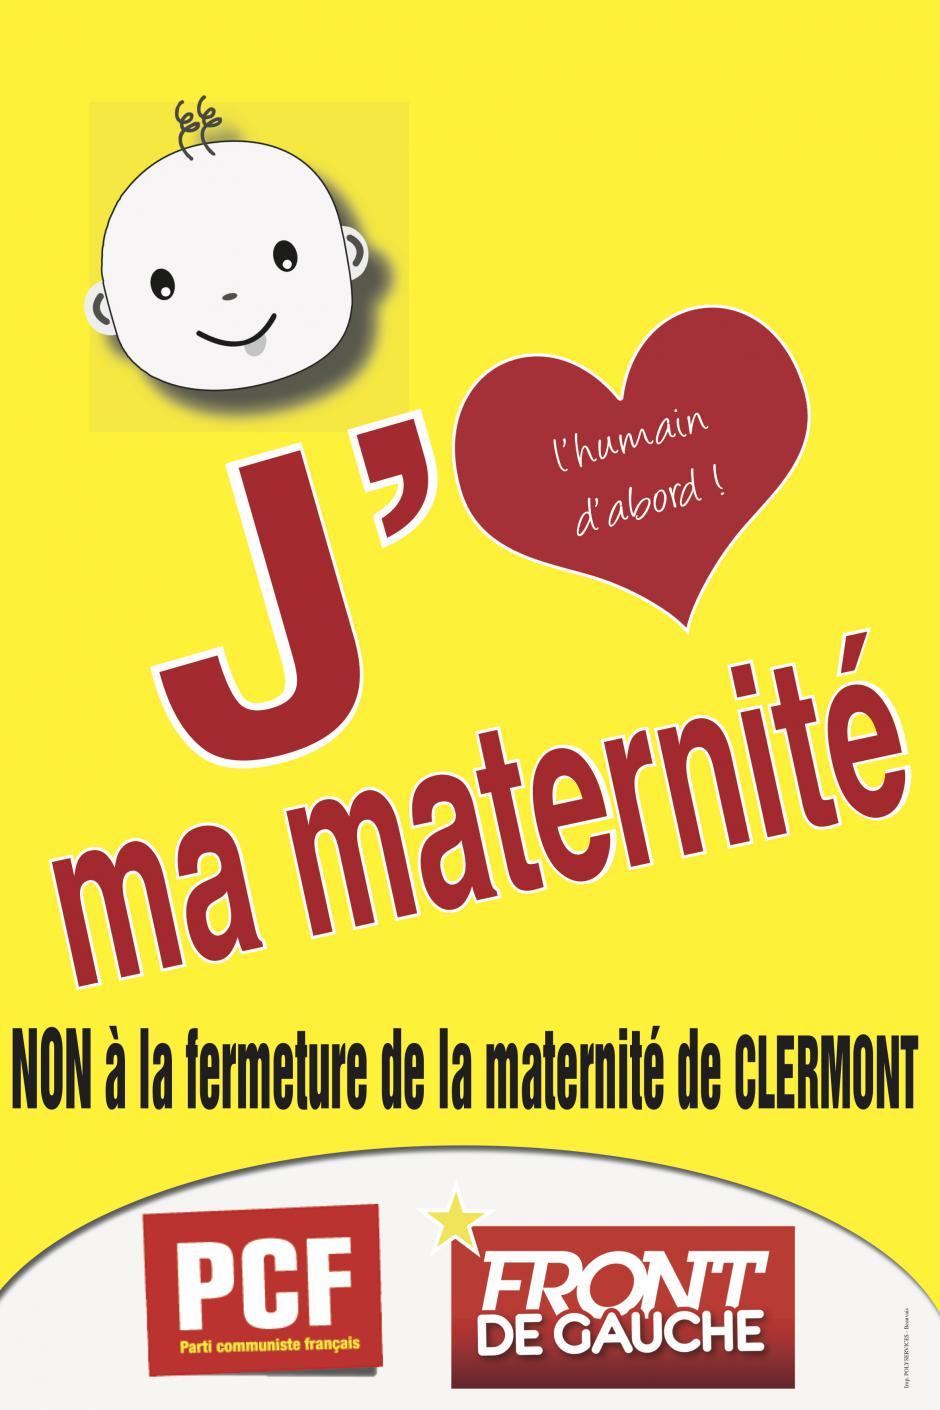 Affiche « J'aime ma maternité. Non à la fermeture de la maternité de Clermont » - PCF Clermont, 7 mars 2018